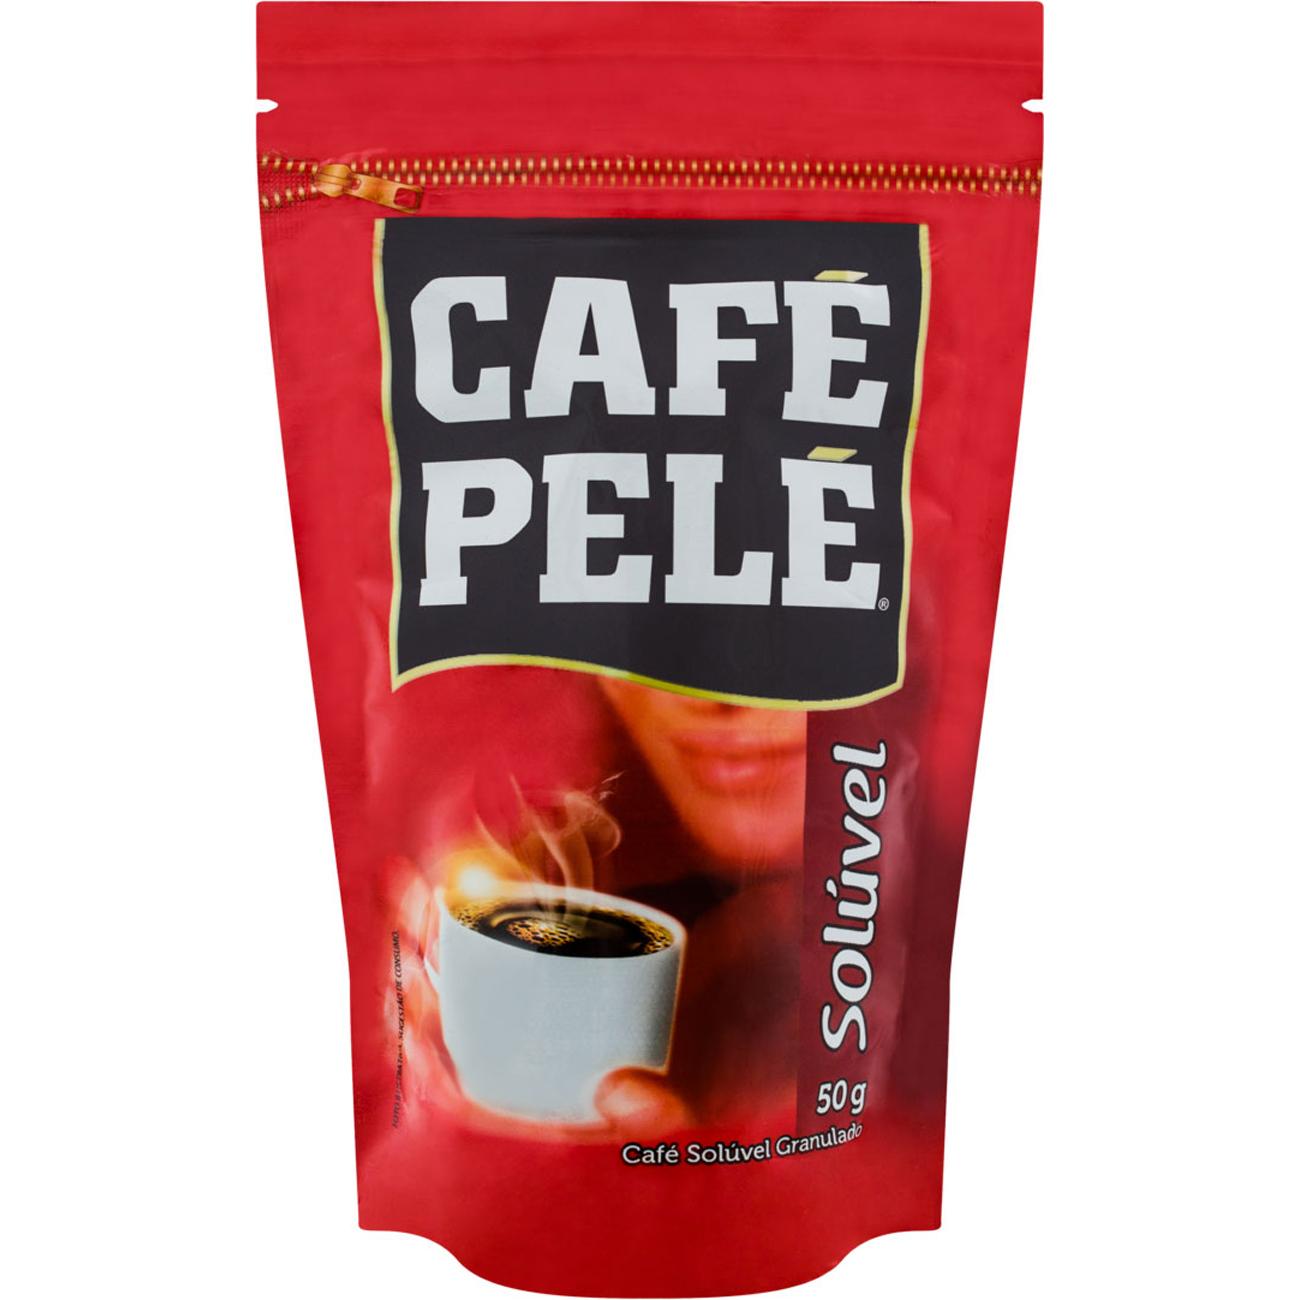 Cafe Pele Soluvel Granulado 50g